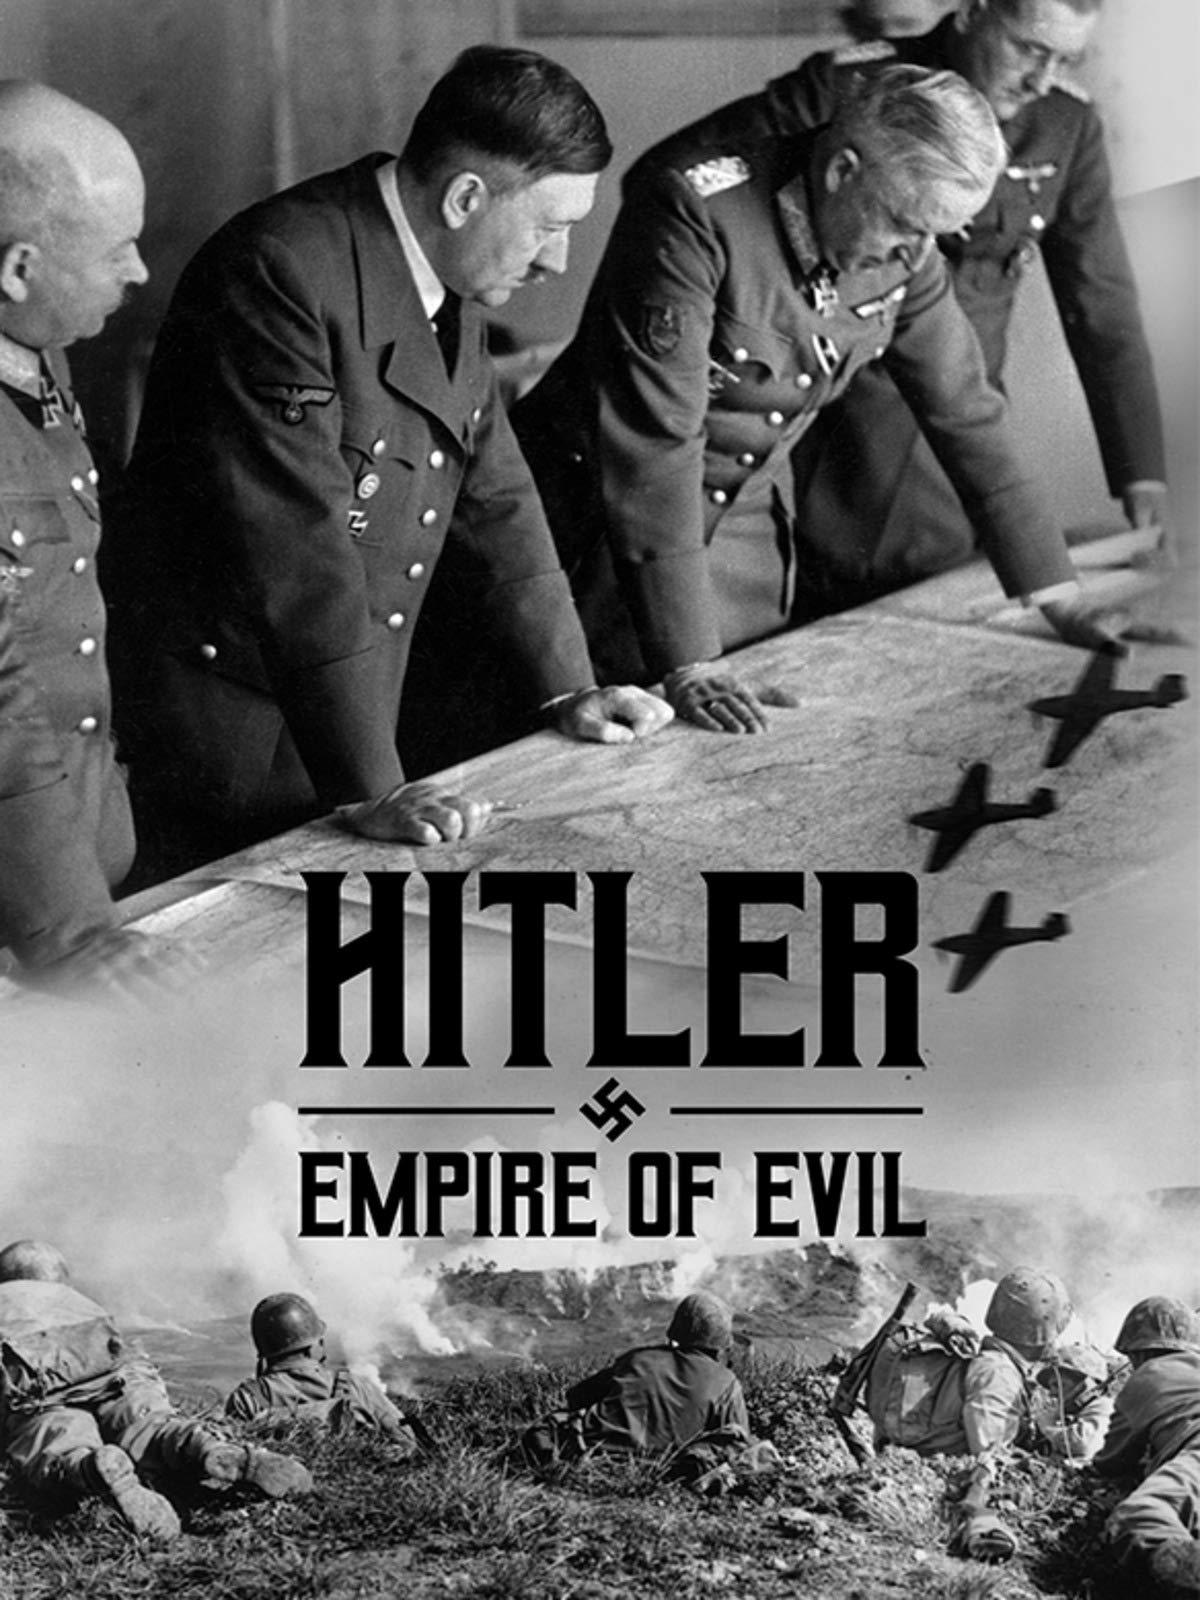 Hitler: Empire of Evil